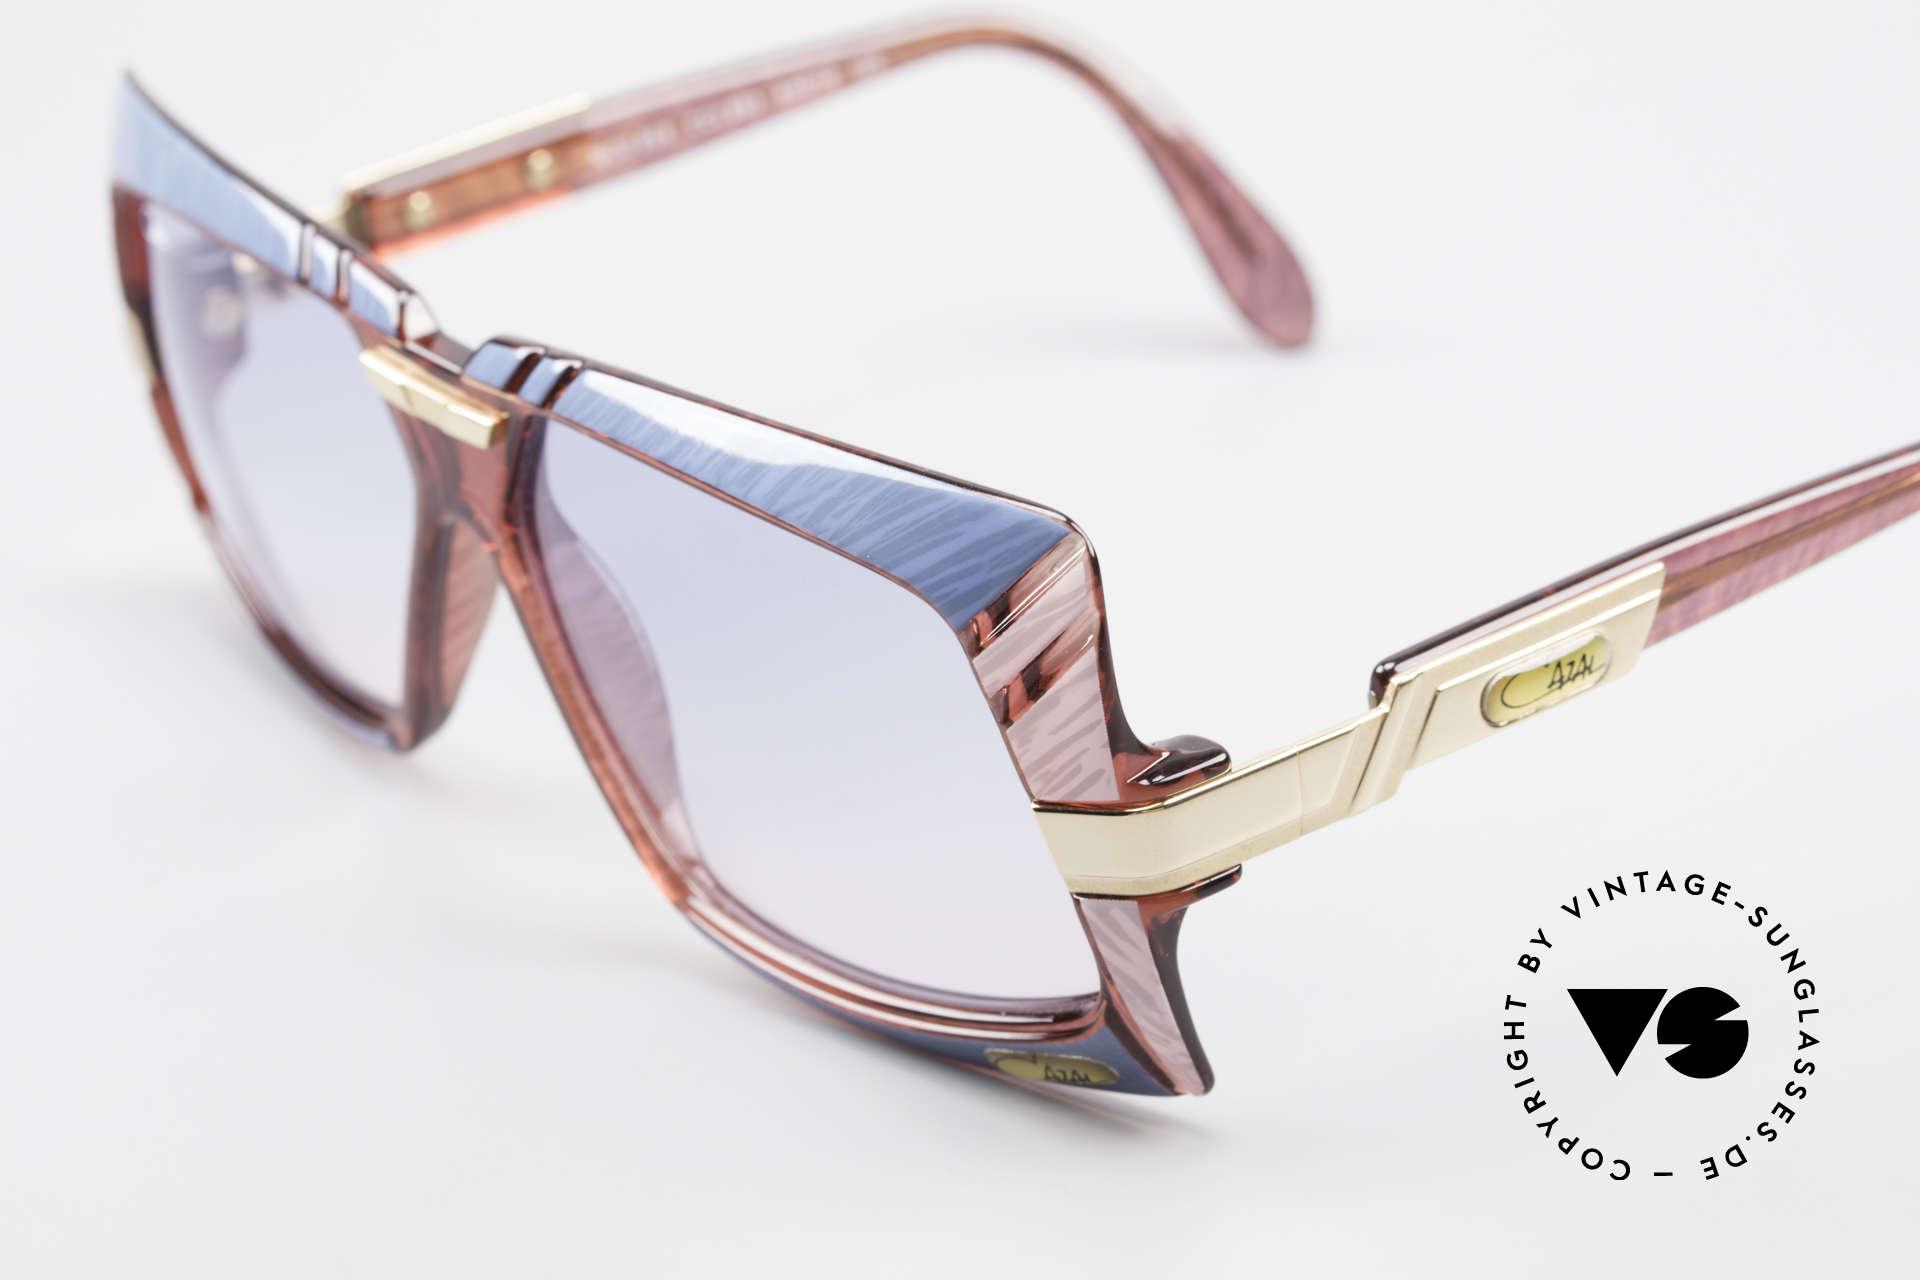 Cazal 869 Alte 80er Vintage Sonnenbrille, herausragende Designerbrille von CAri ZALloni, Cazal, Passend für Herren und Damen